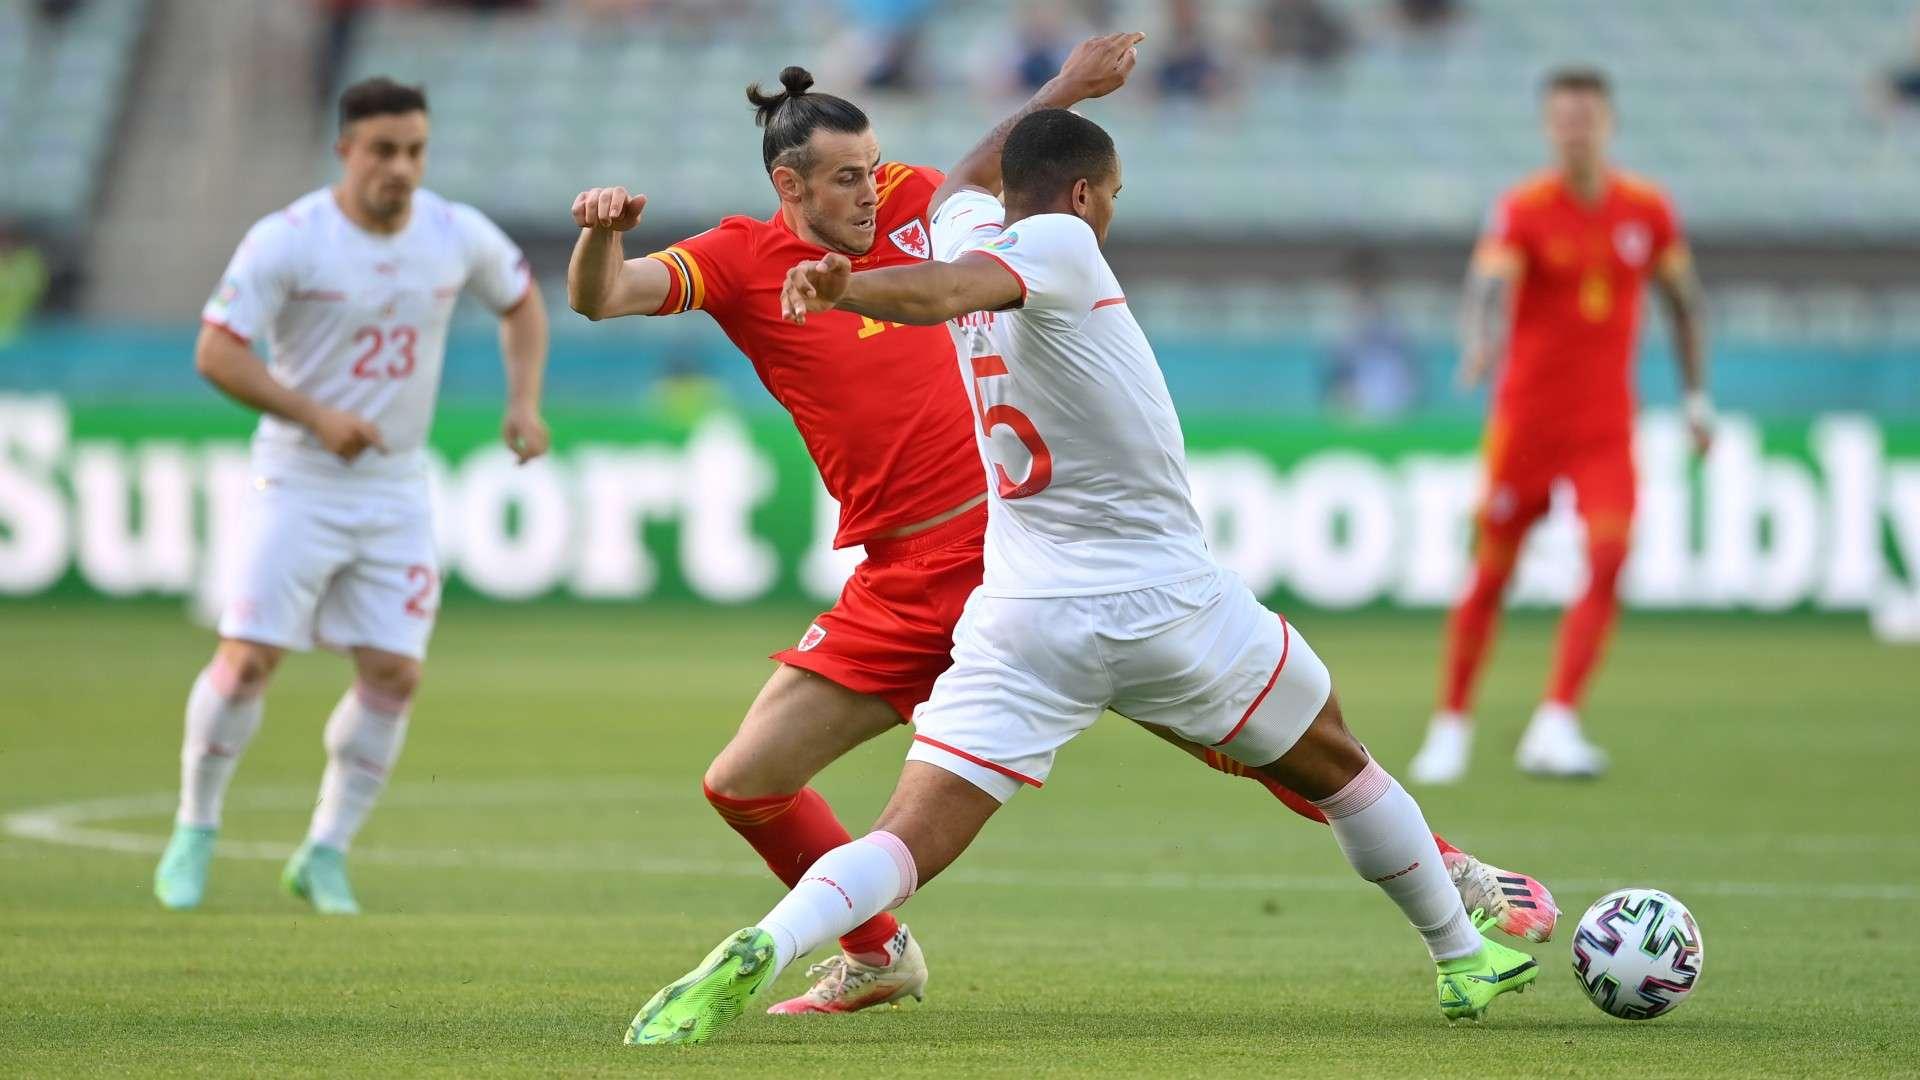 Nhận định, soi kèo châu Á Ý vs Thụy Sĩ